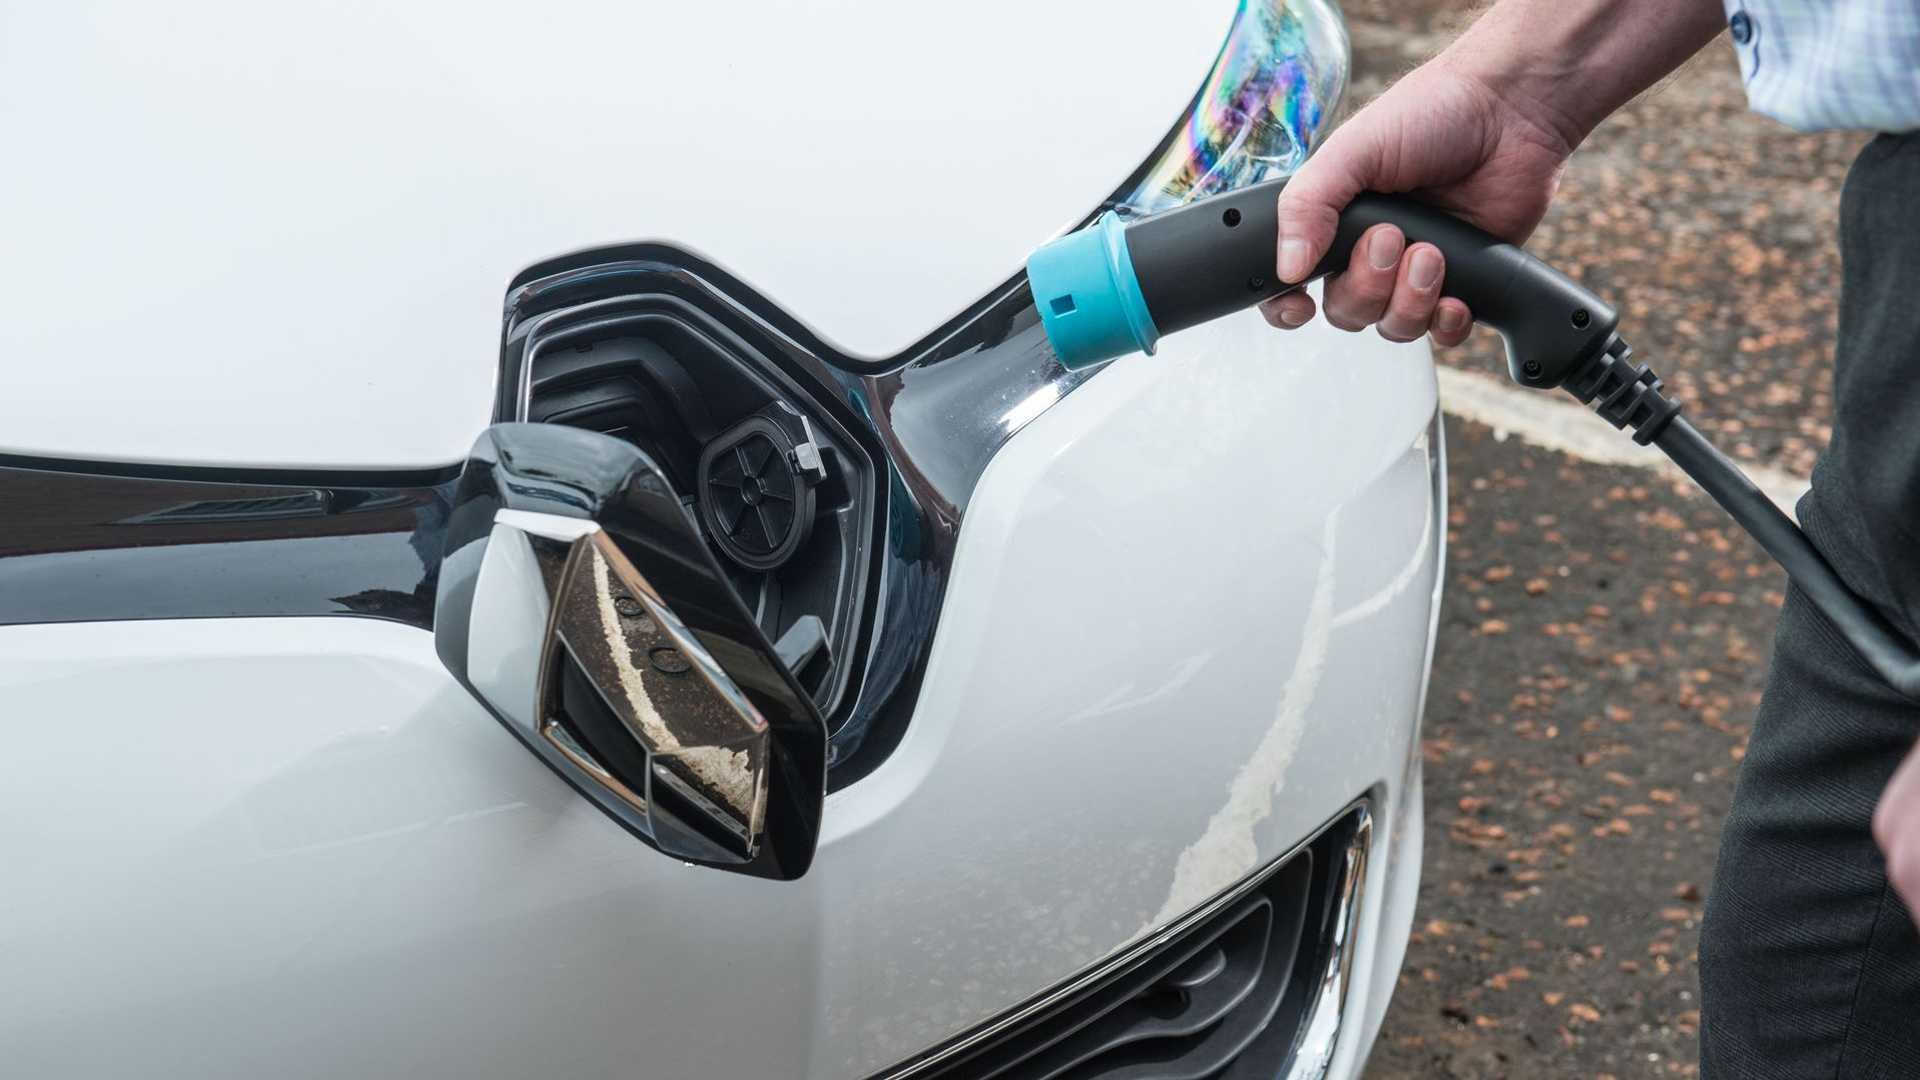 Francja ma stać się liderem w produkcji samochodów elektrycznych